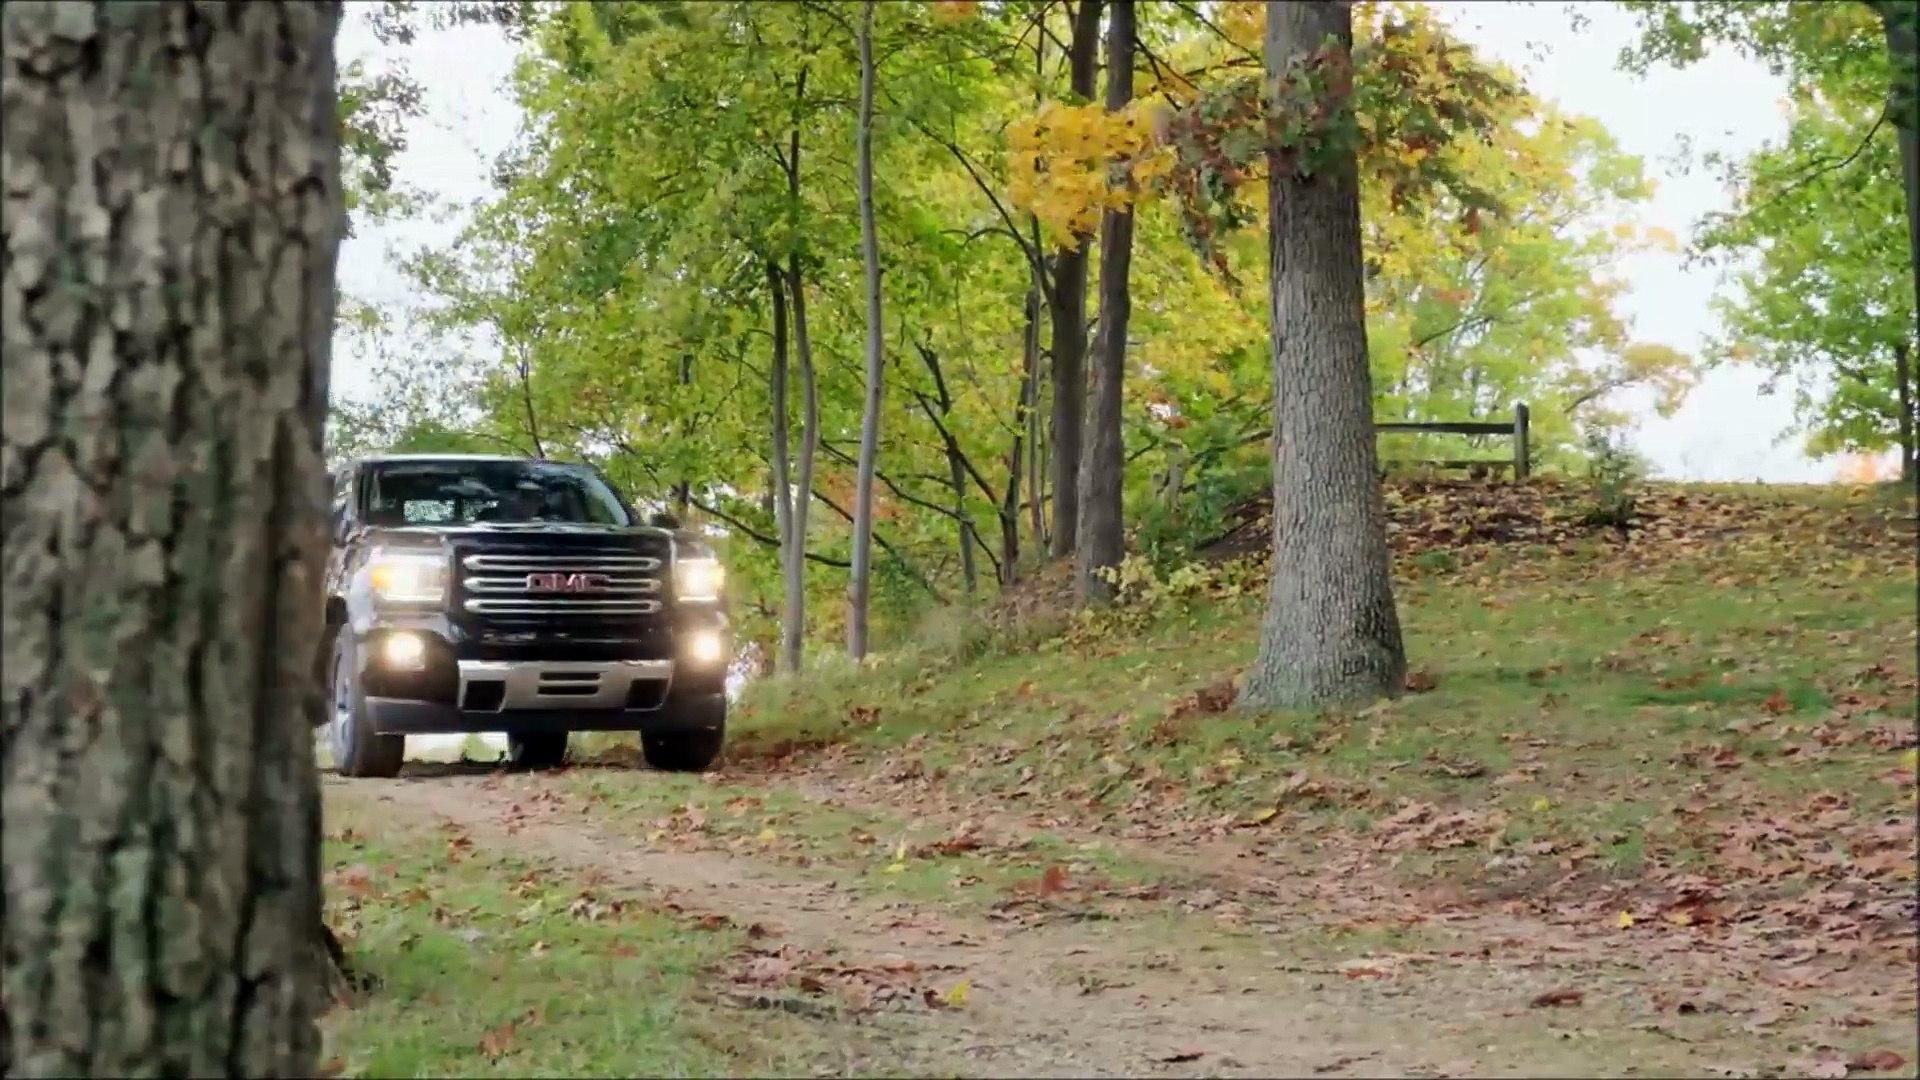 2017 GMC Sierra Front Royal, VA   GMC All-Terrain Front Royal, VA